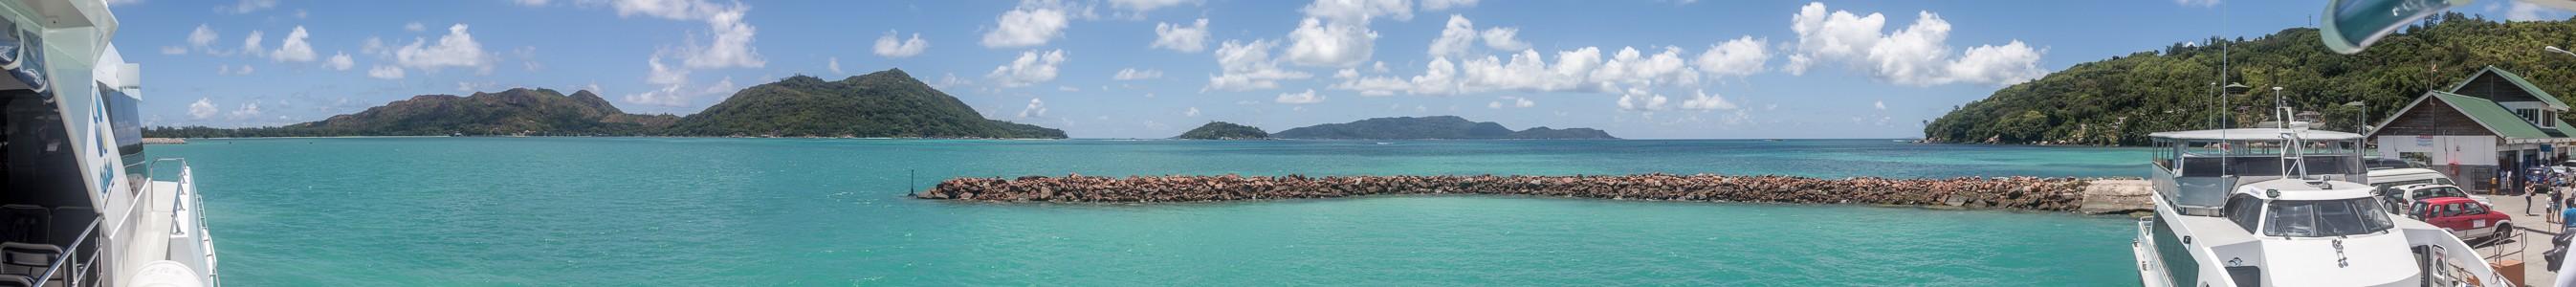 Indischer Ozean: Fähre Victoria (Mahé) - Baie Sainte Anne (Praslin) Jetty